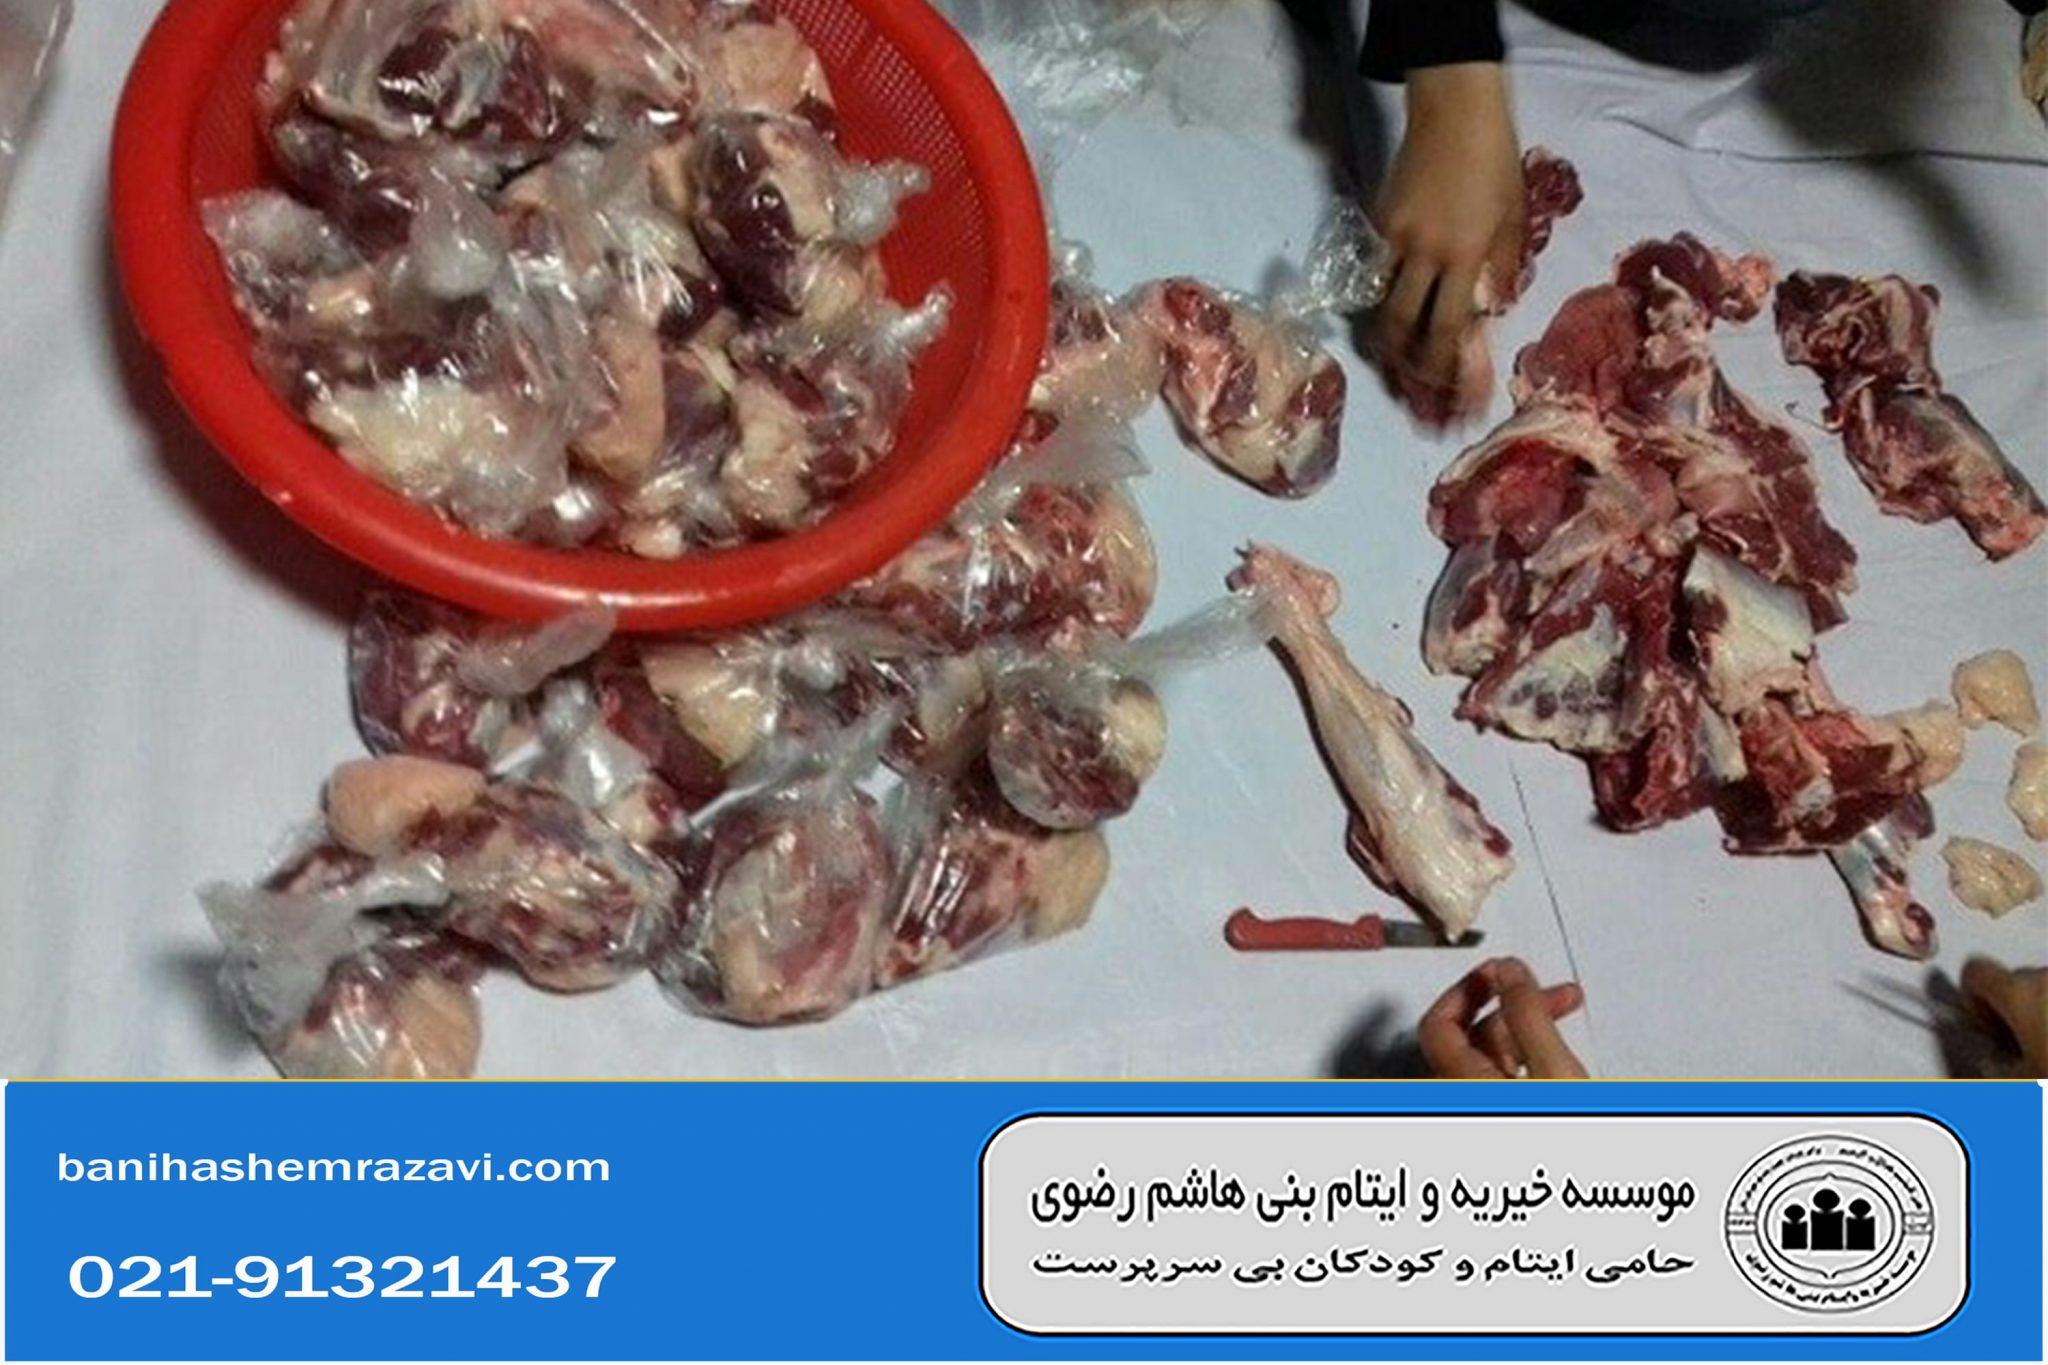 اهداء گوشت قربانی